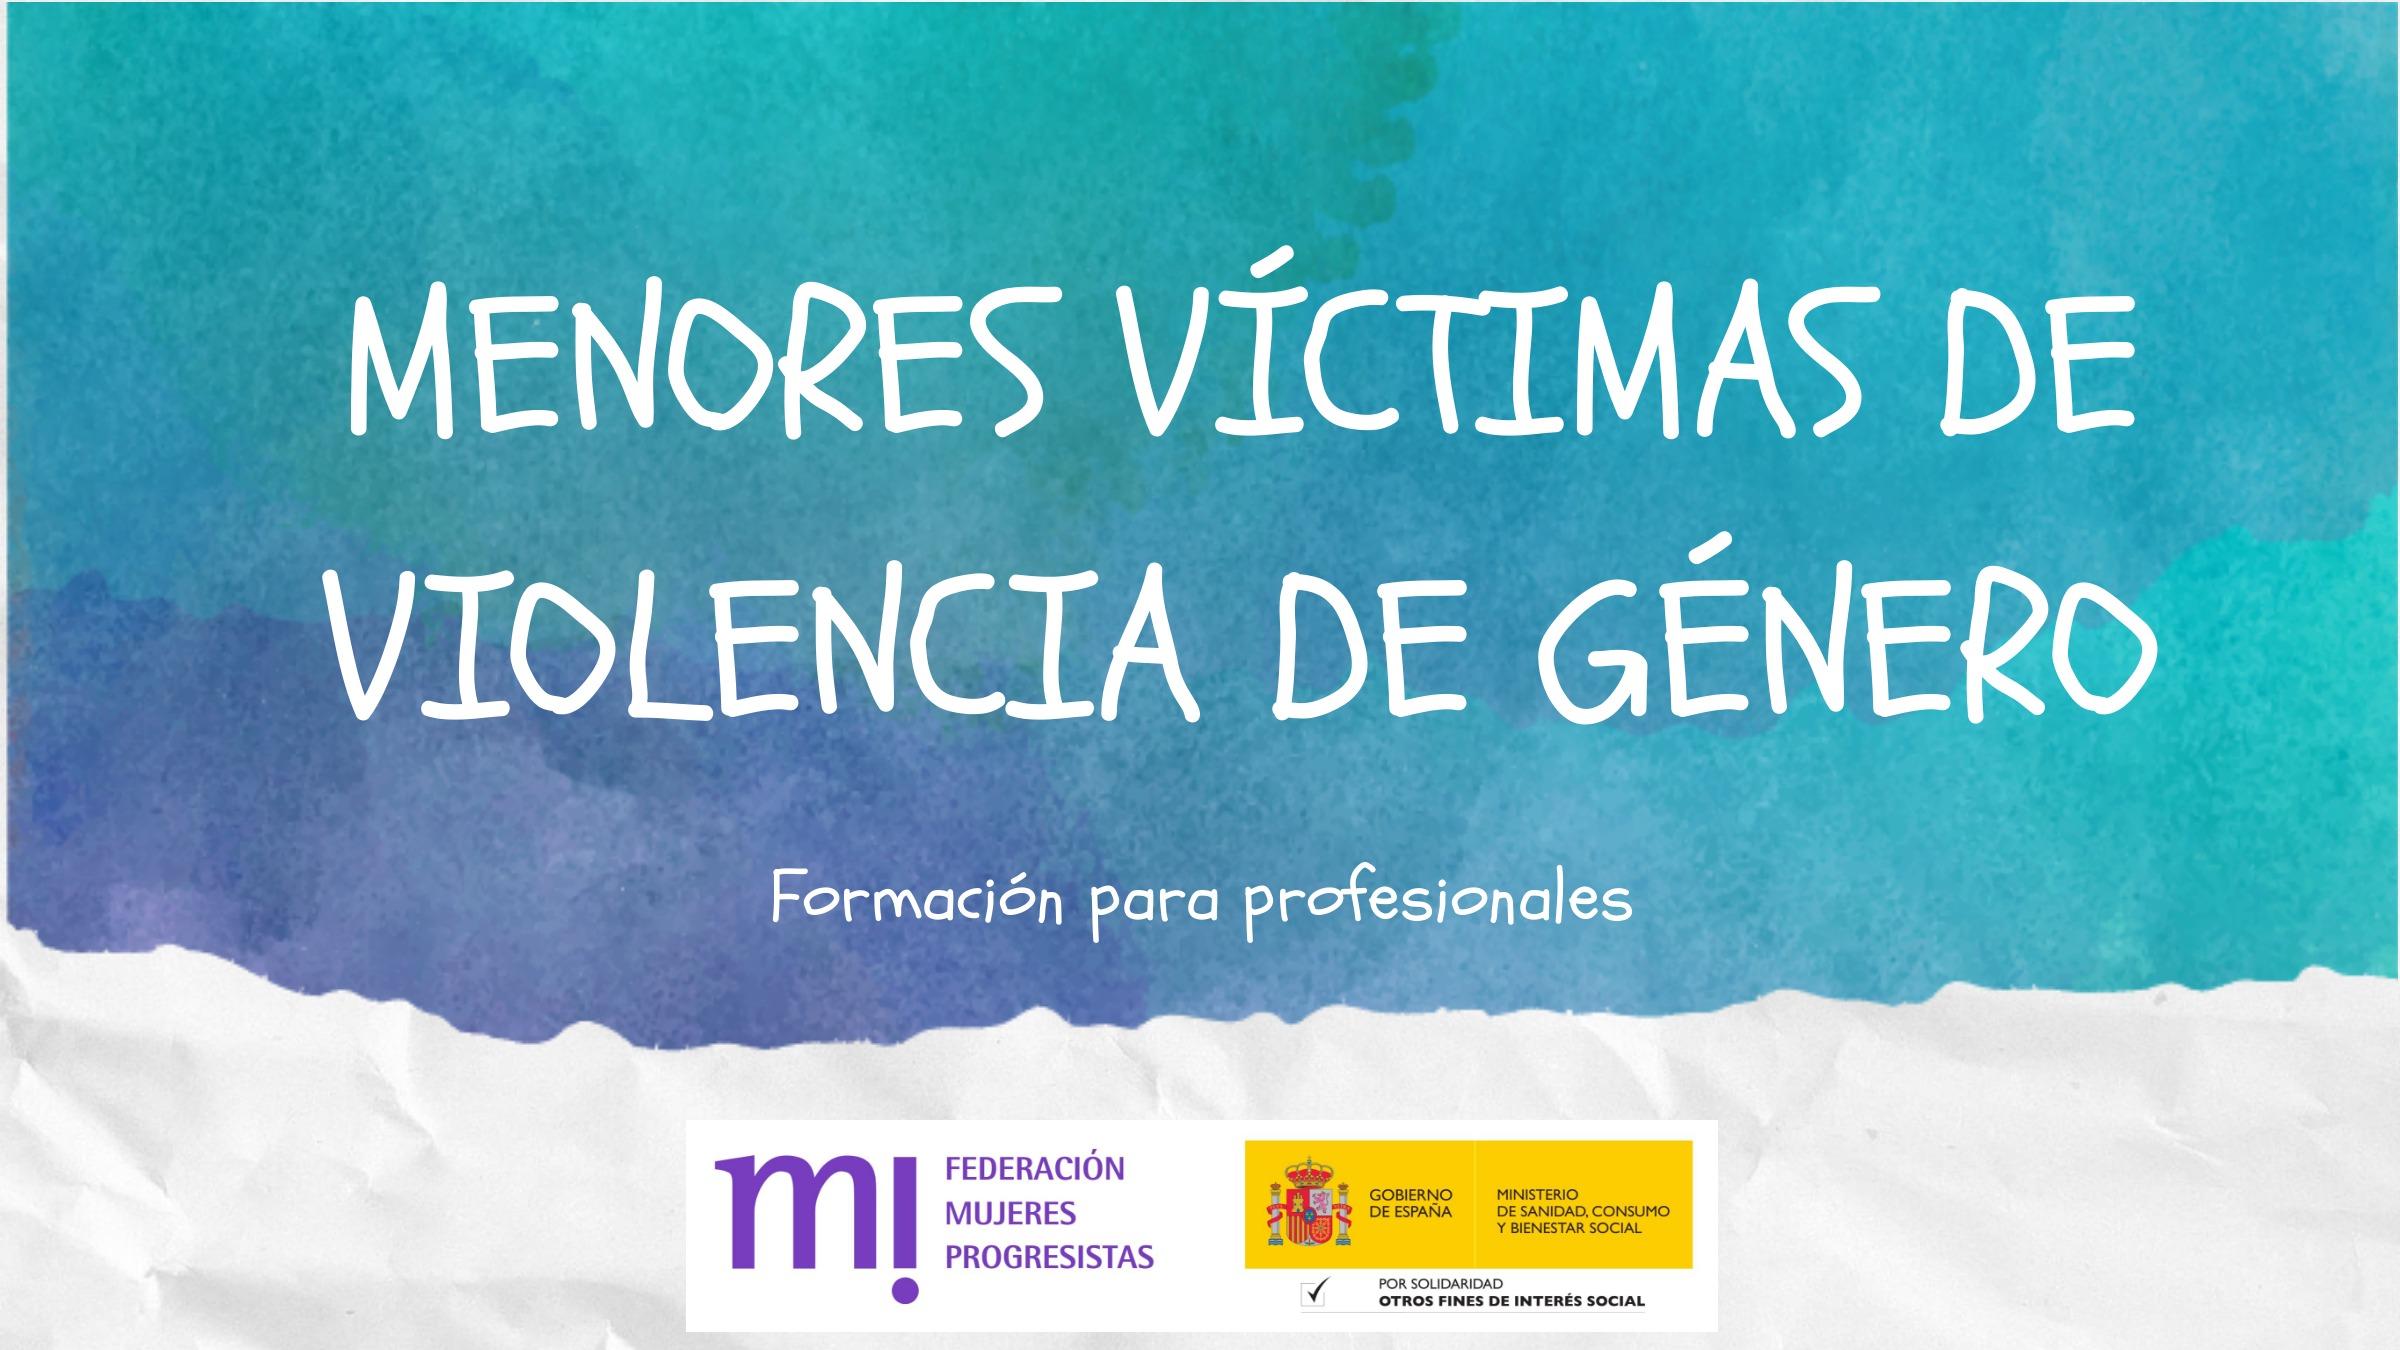 Course Image 3ª Edición: Menores víctimas de violencia de género